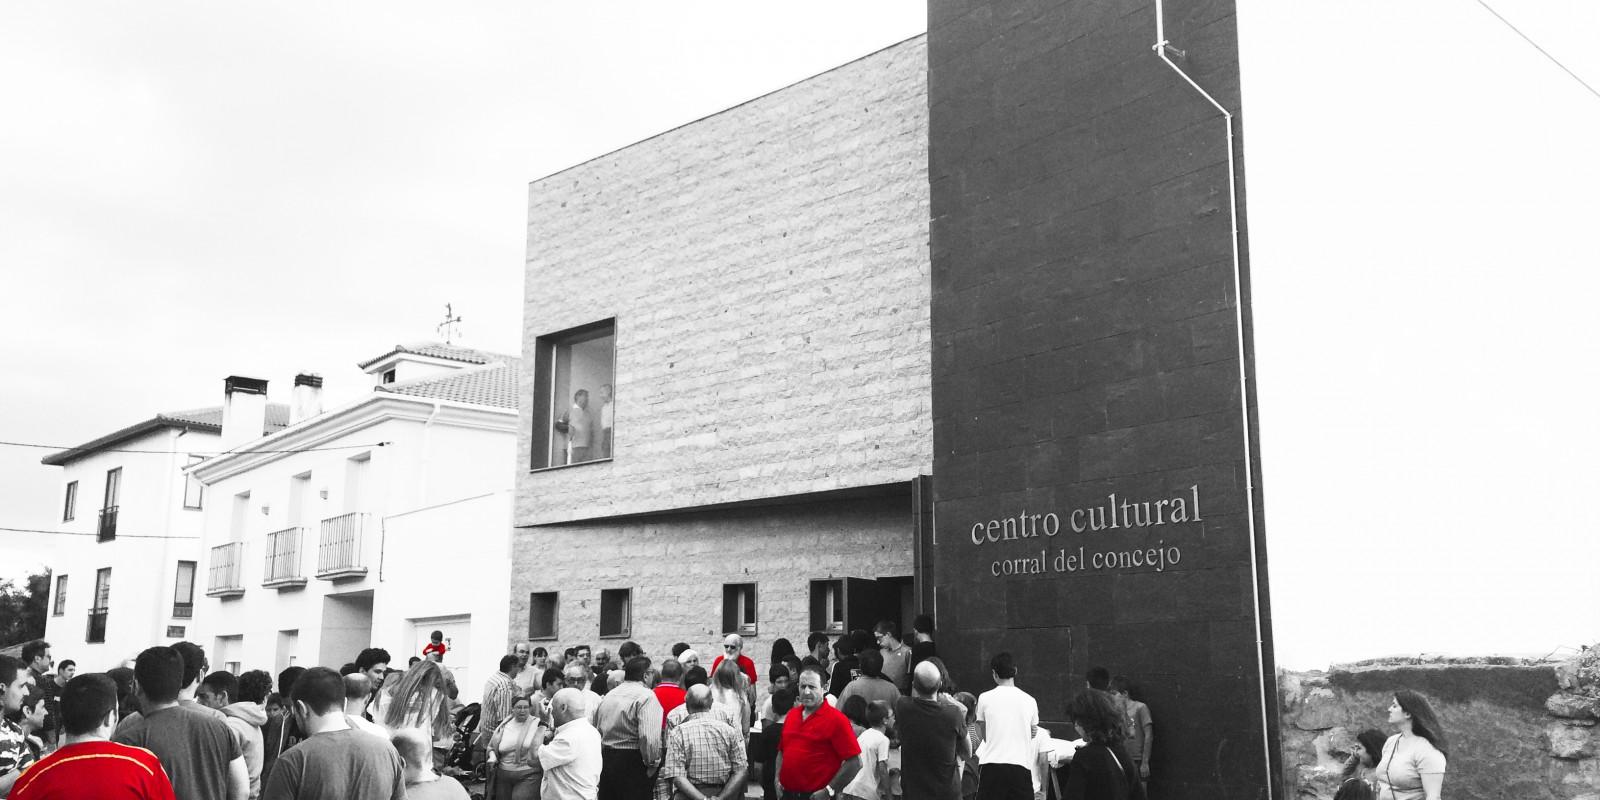 CENTRO CULTURAL CORRAL DEL CONCEJO